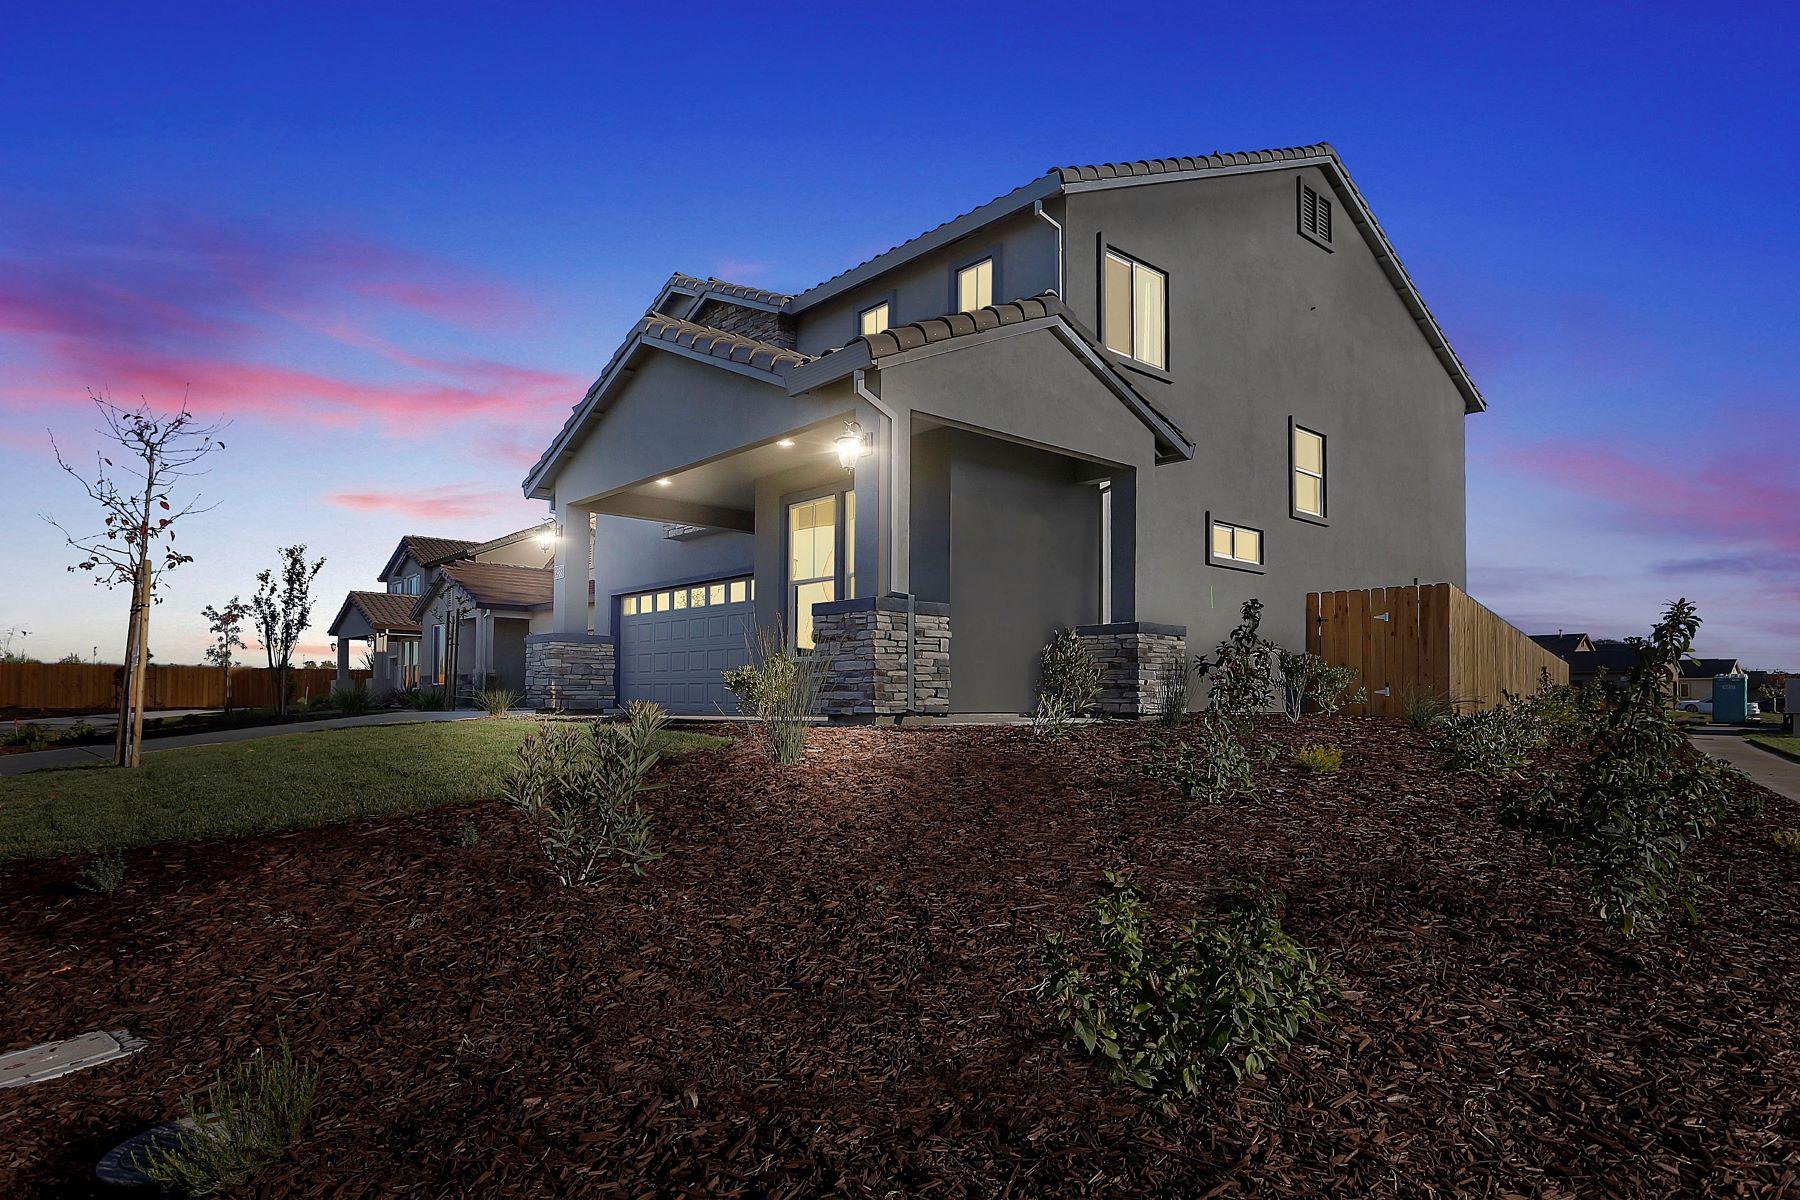 独户住宅 为 销售 在 1854 Old Oak Drive, Stockton 斯托克顿市, 加利福尼亚州, 95206 美国